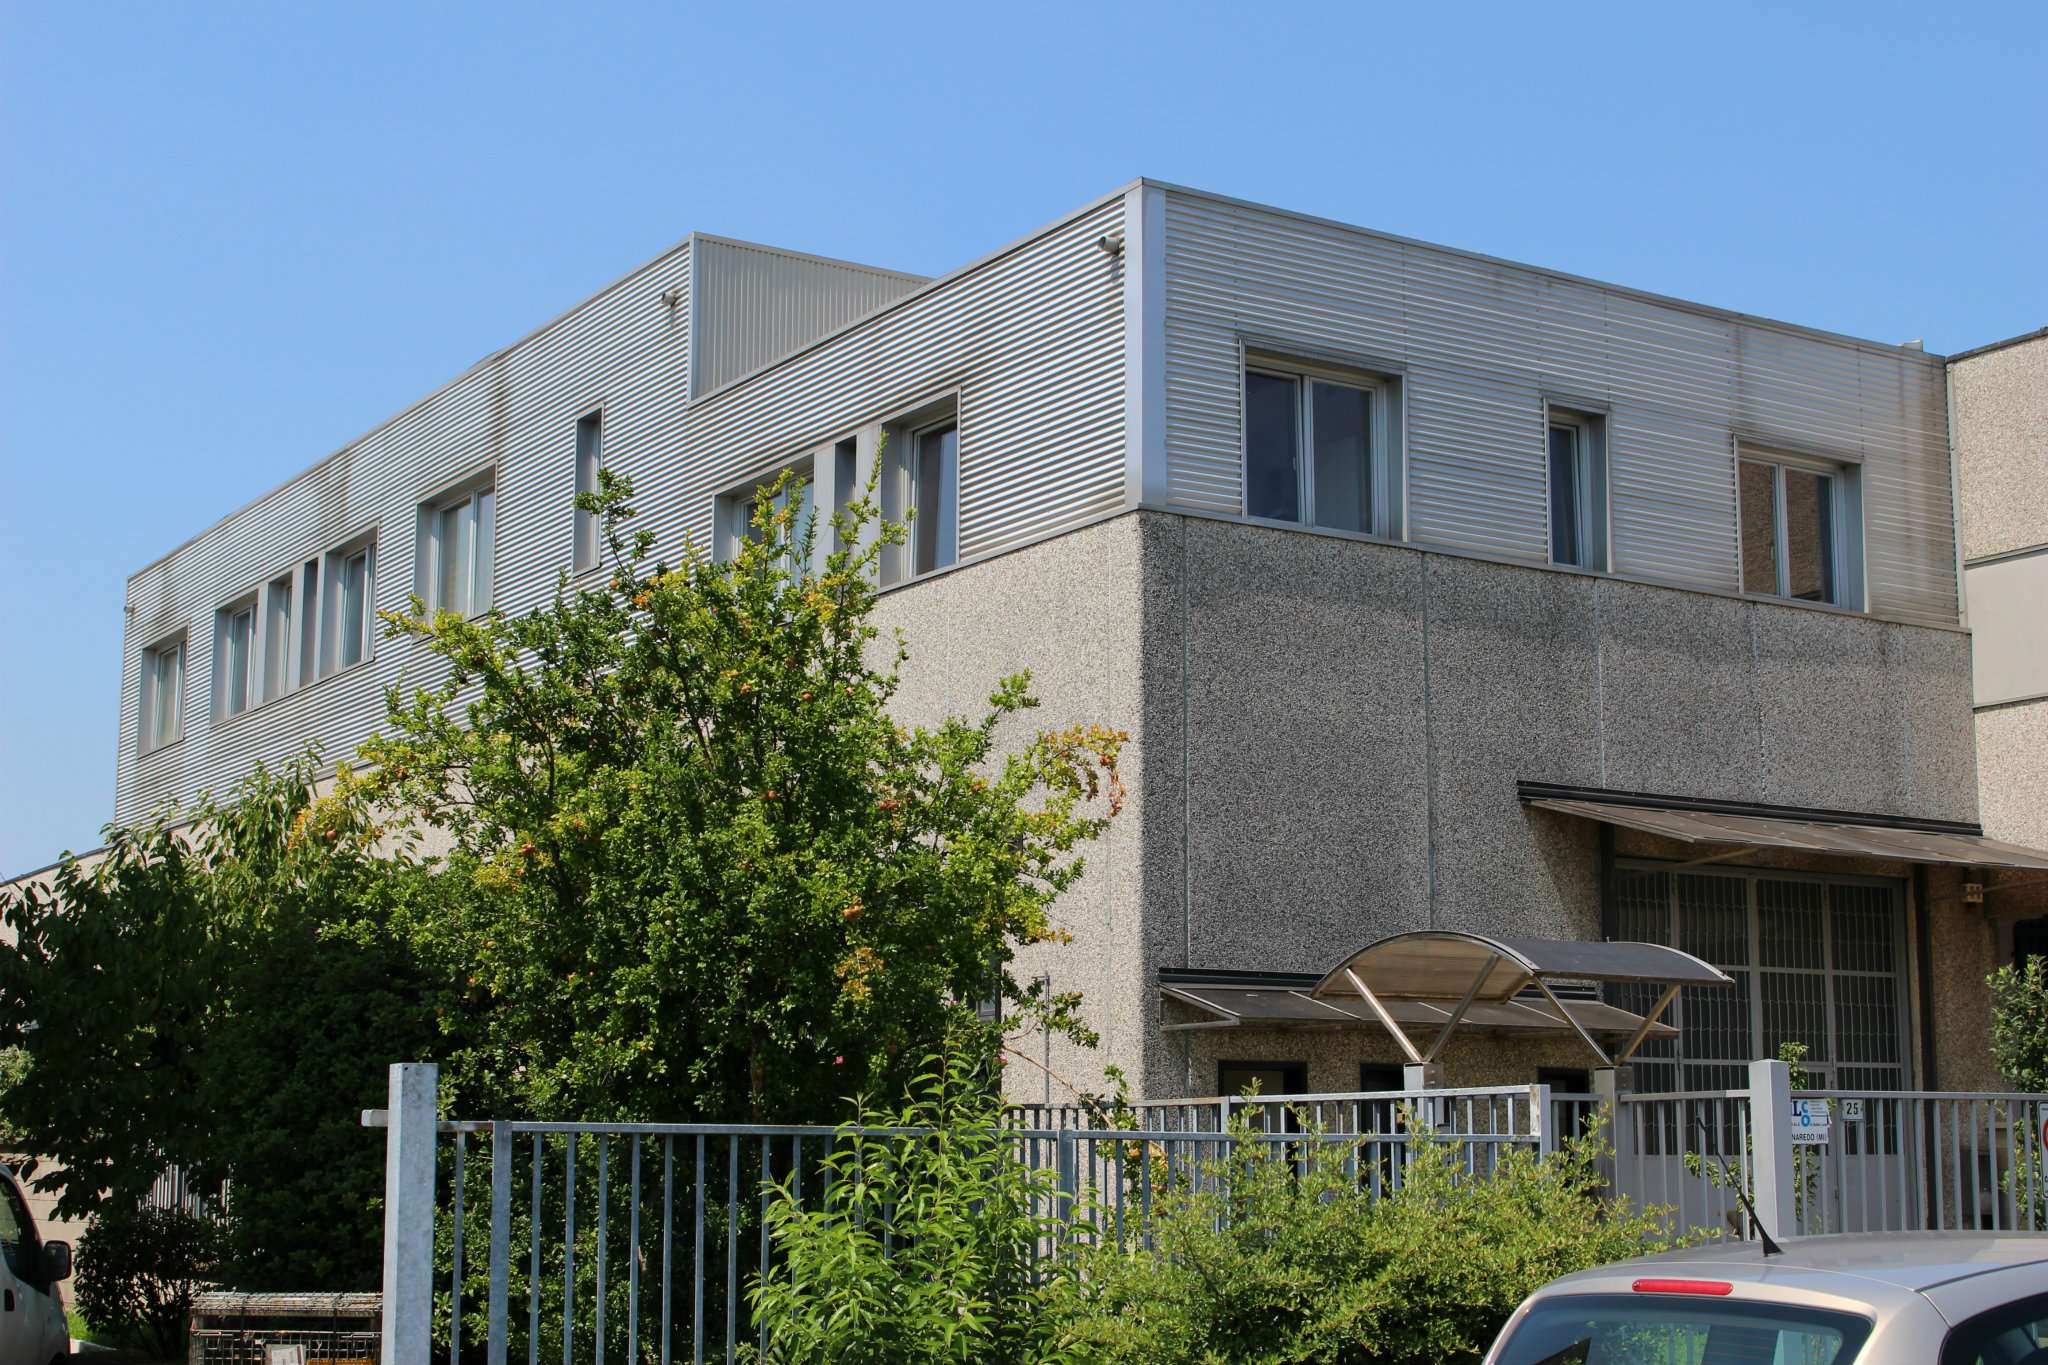 Capannone in vendita a Cornaredo, 6 locali, prezzo € 440.000 | PortaleAgenzieImmobiliari.it